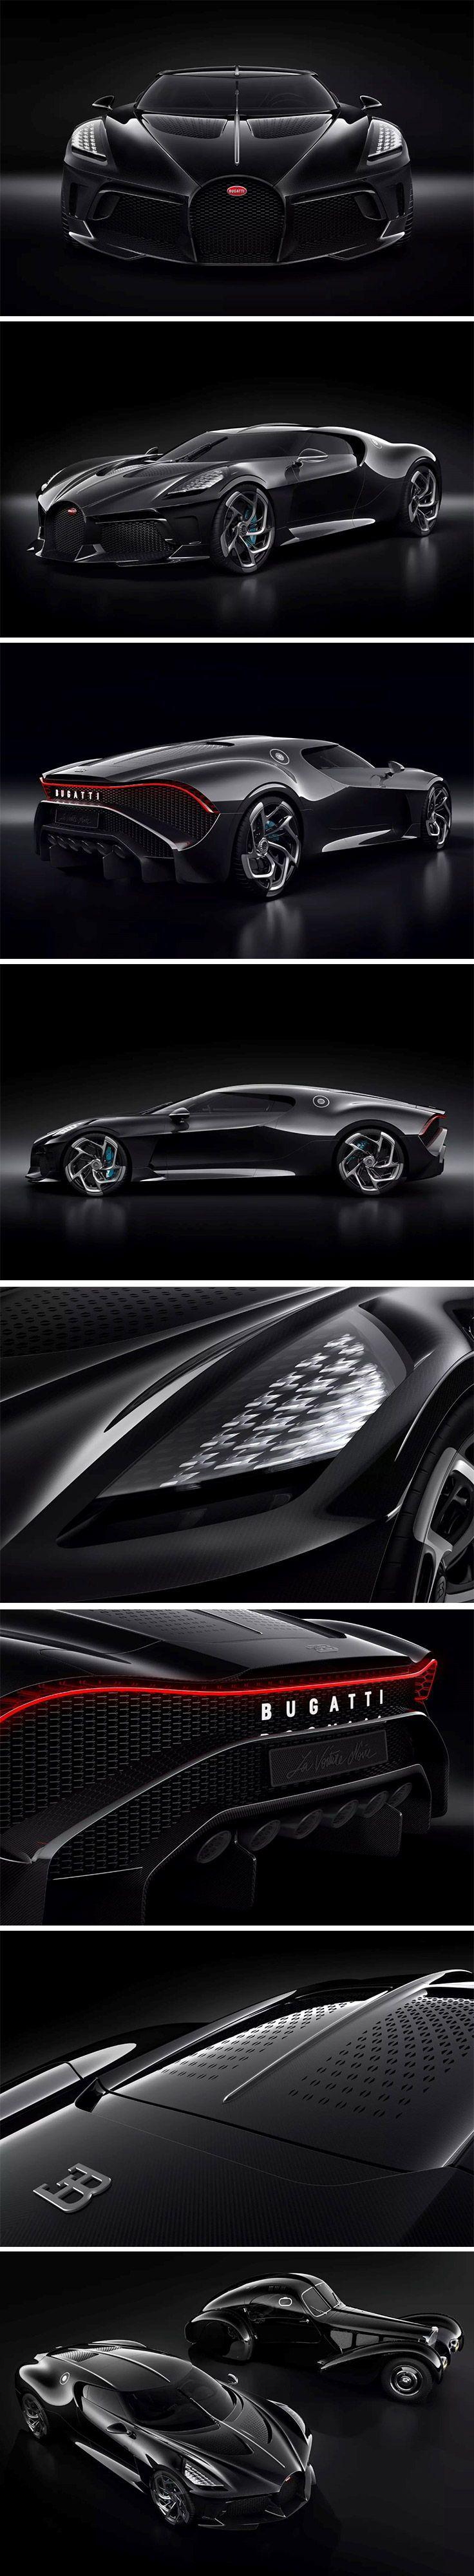 Eine moderne Neuinterpretation von Jean Bugattis Typ 57 SC Atlantic, dem …